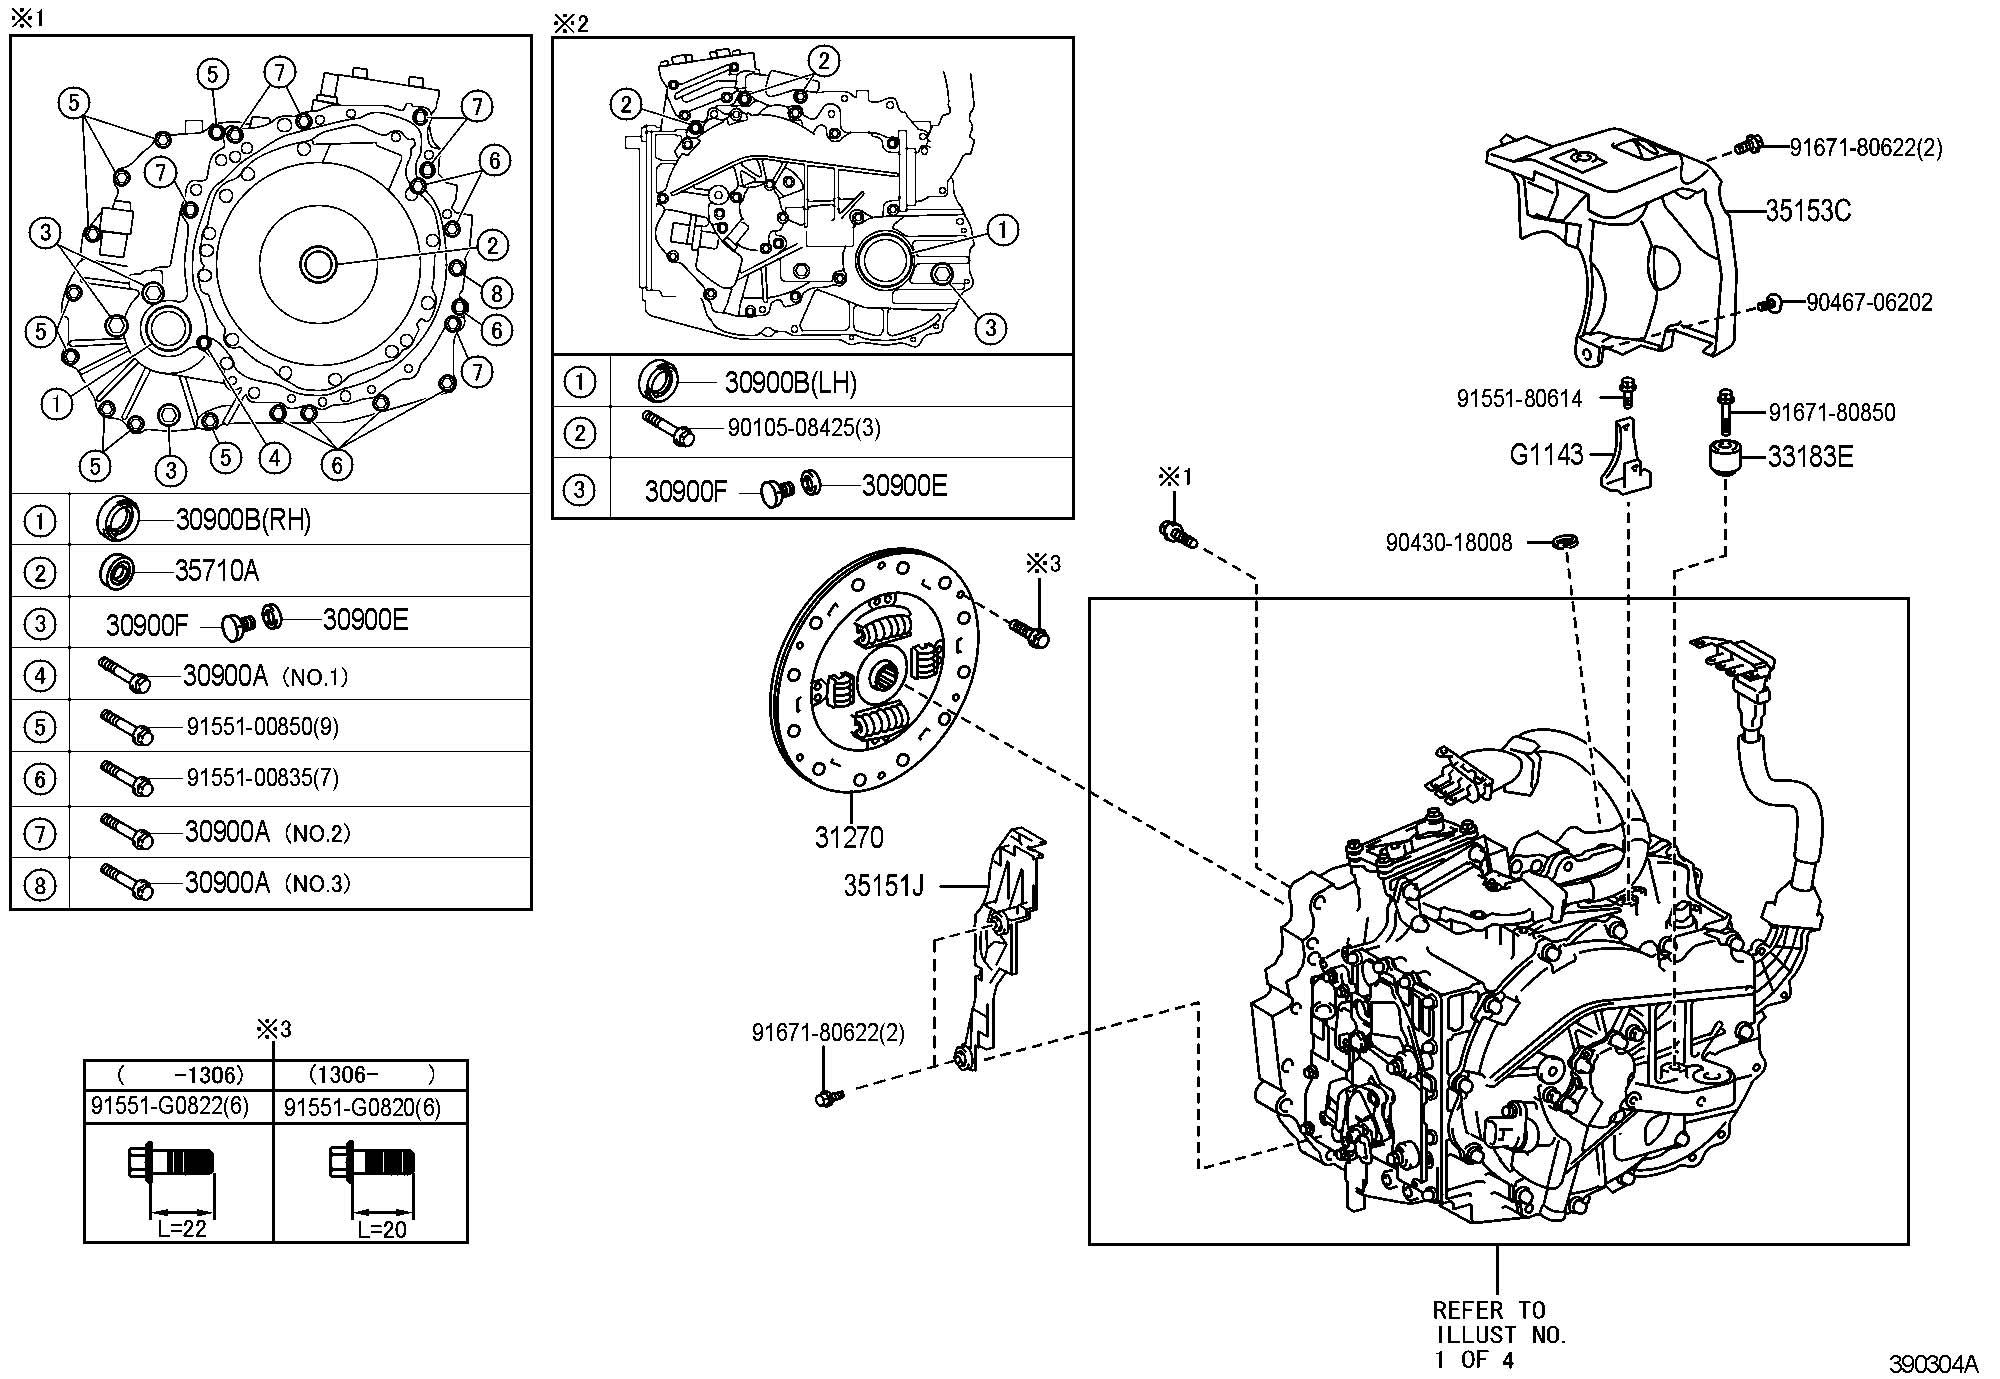 Toyota Bolt For Hybrid Vehicle Transaxle Amp Engine